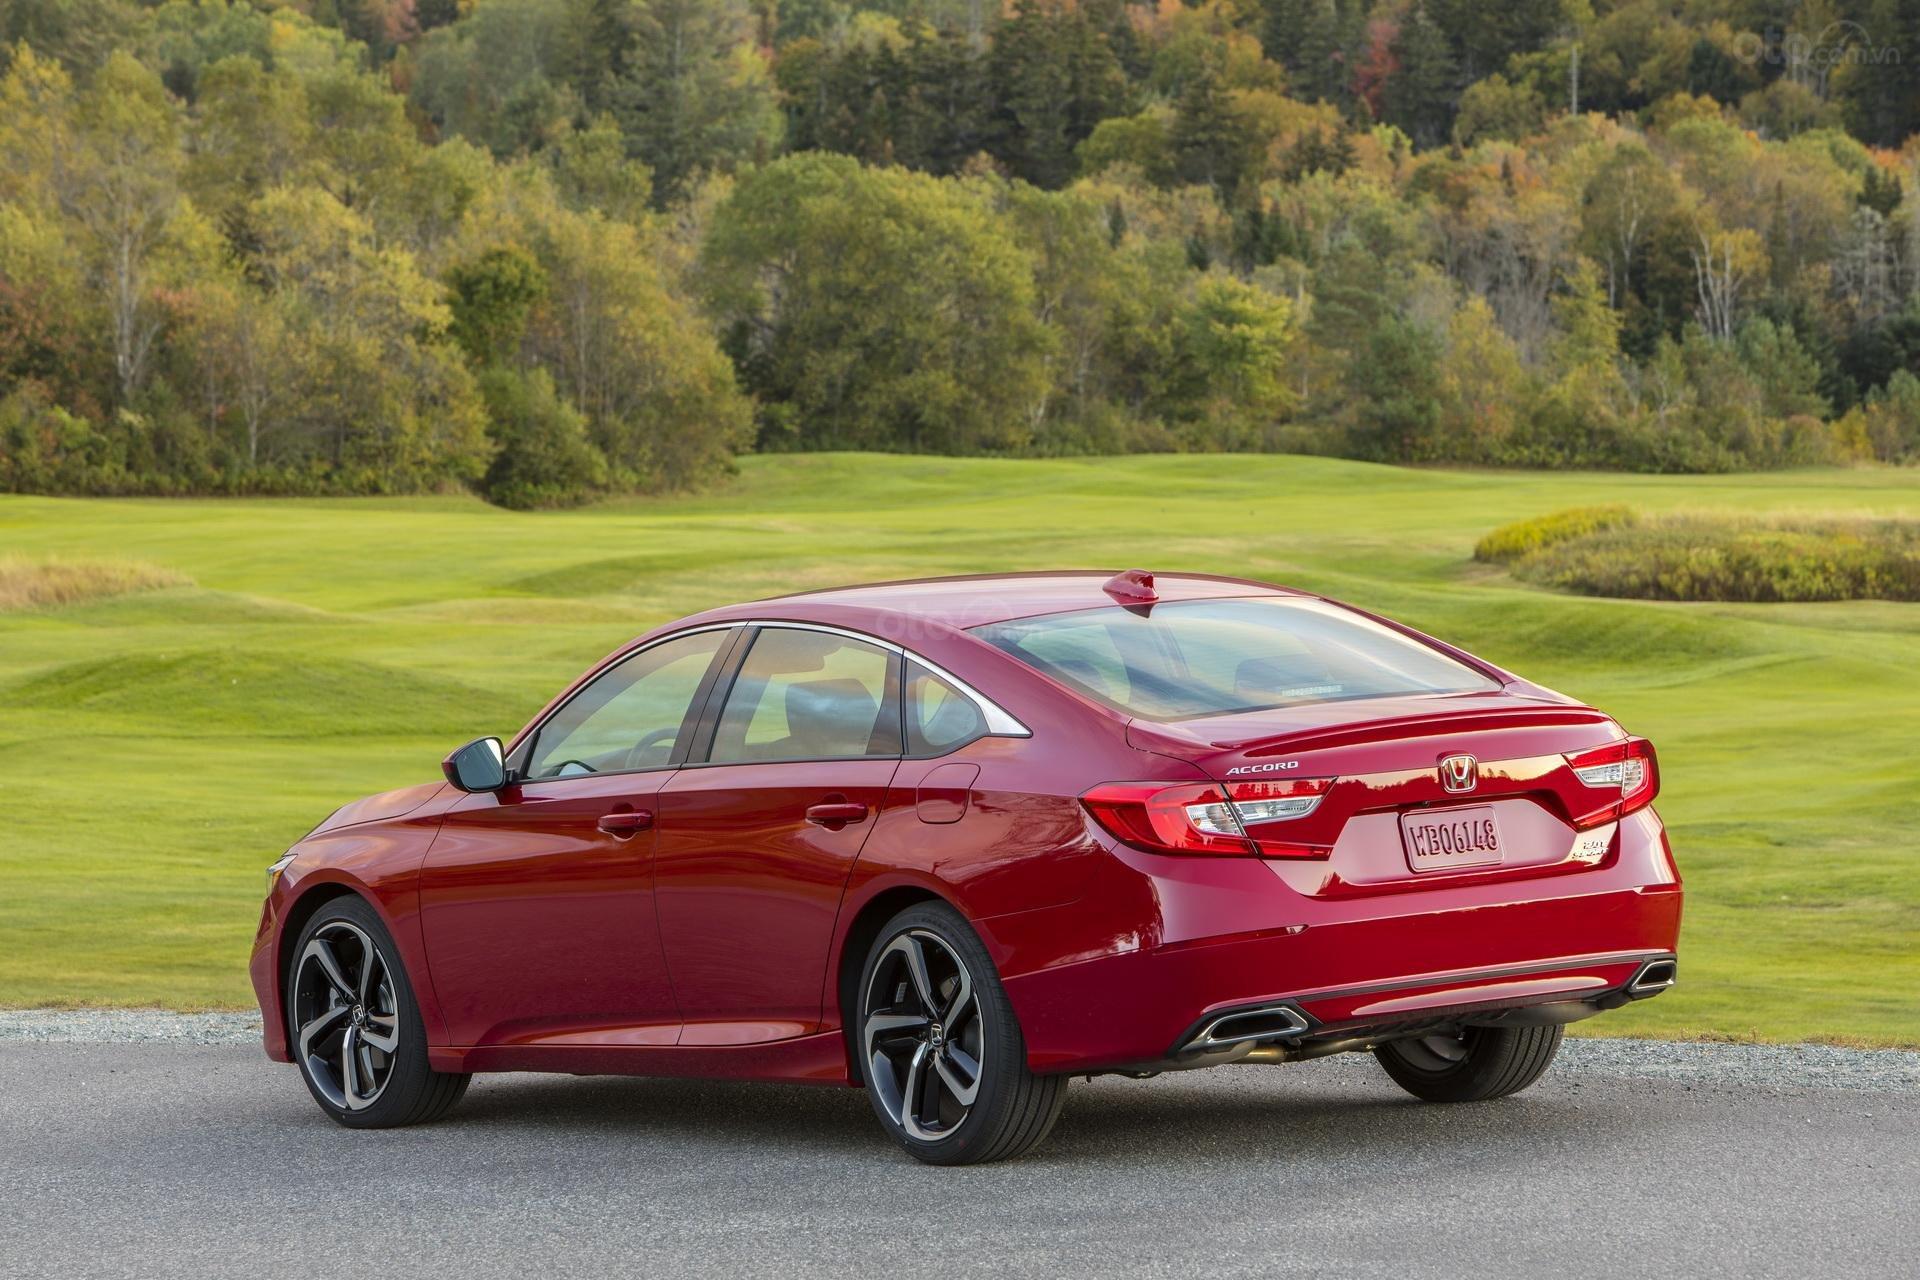 Đánh giá xe Honda Accord 2019 Sport  - góc 3/4 đuôi xe trái